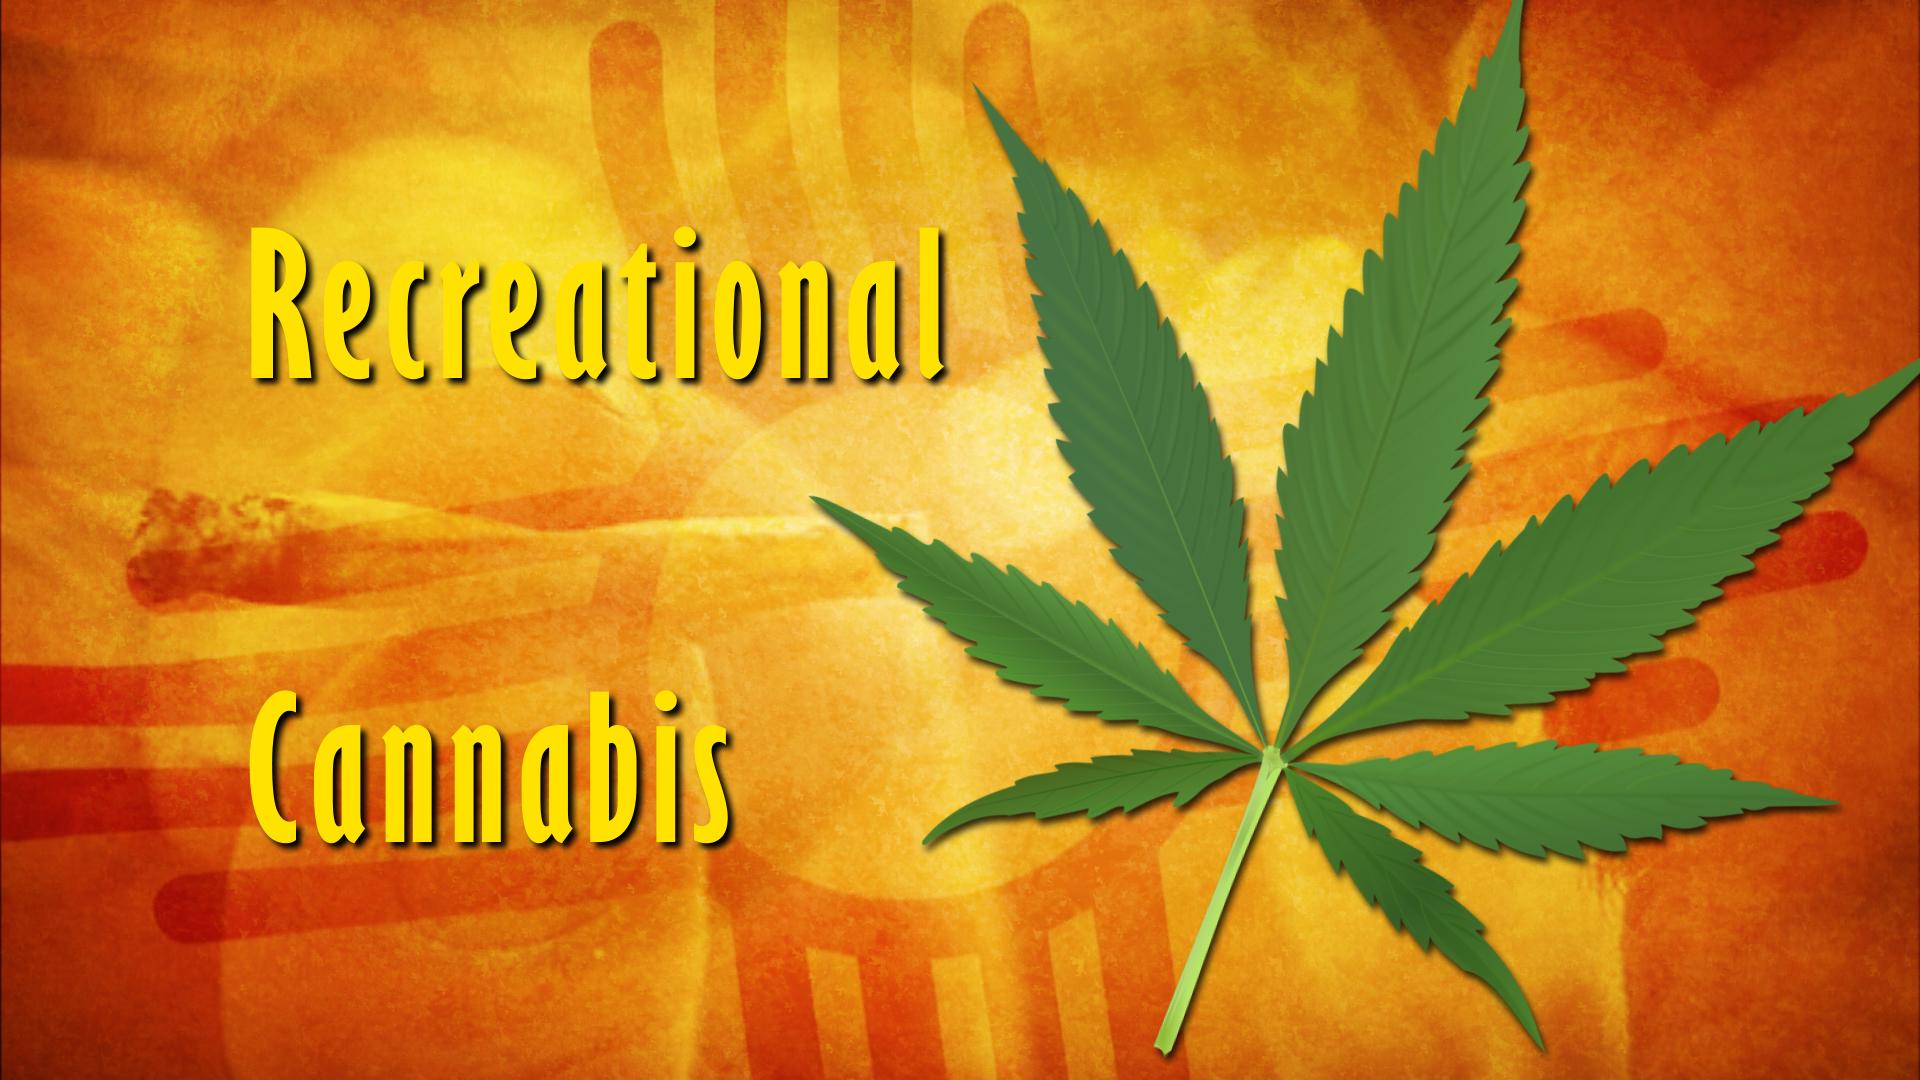 1230 Recreational Cannabis